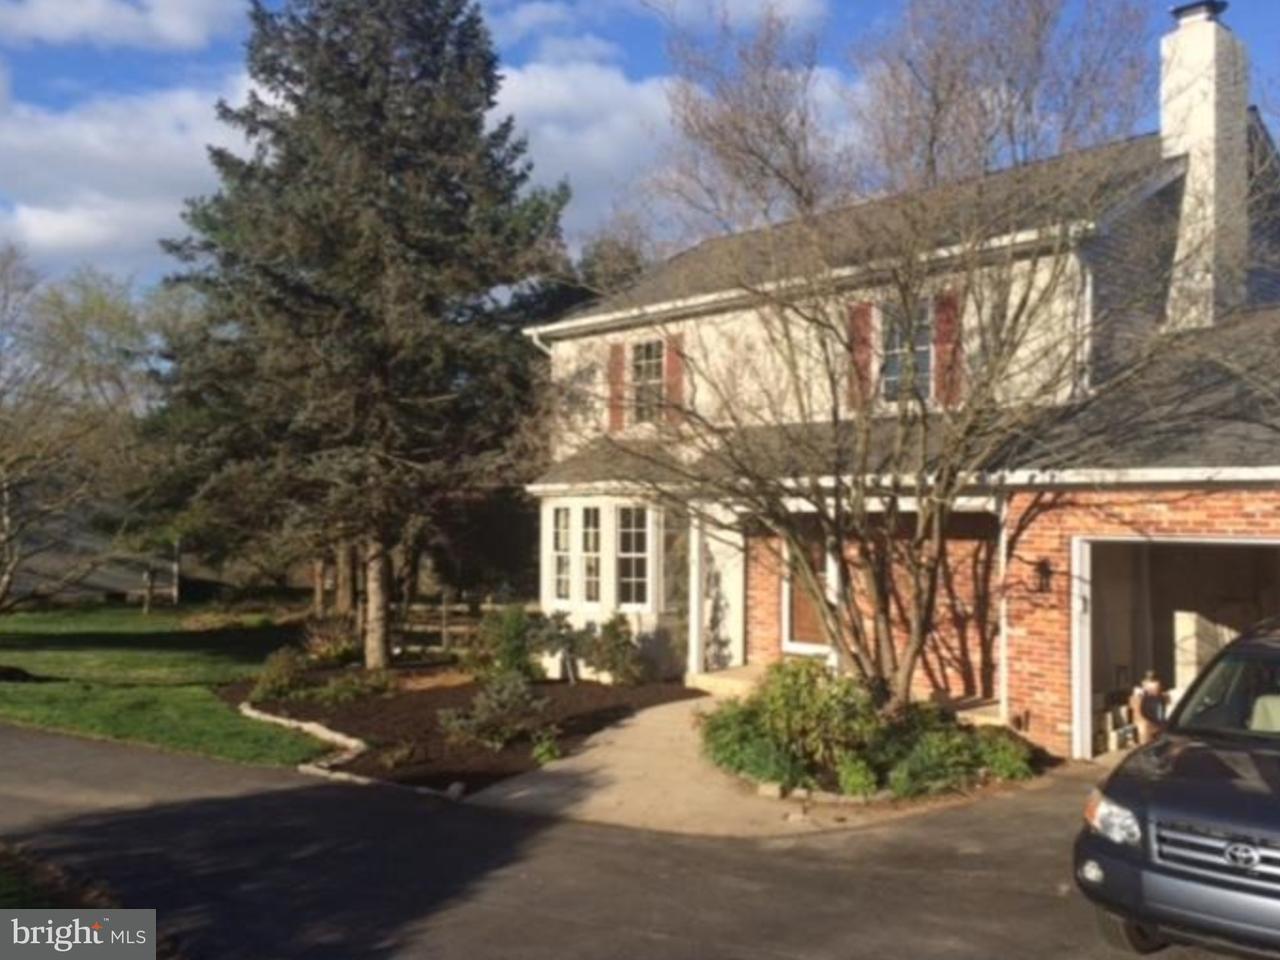 独户住宅 为 出租 在 1008 WHEATLAND Drive 科茨威尔, 宾夕法尼亚州 19320 美国